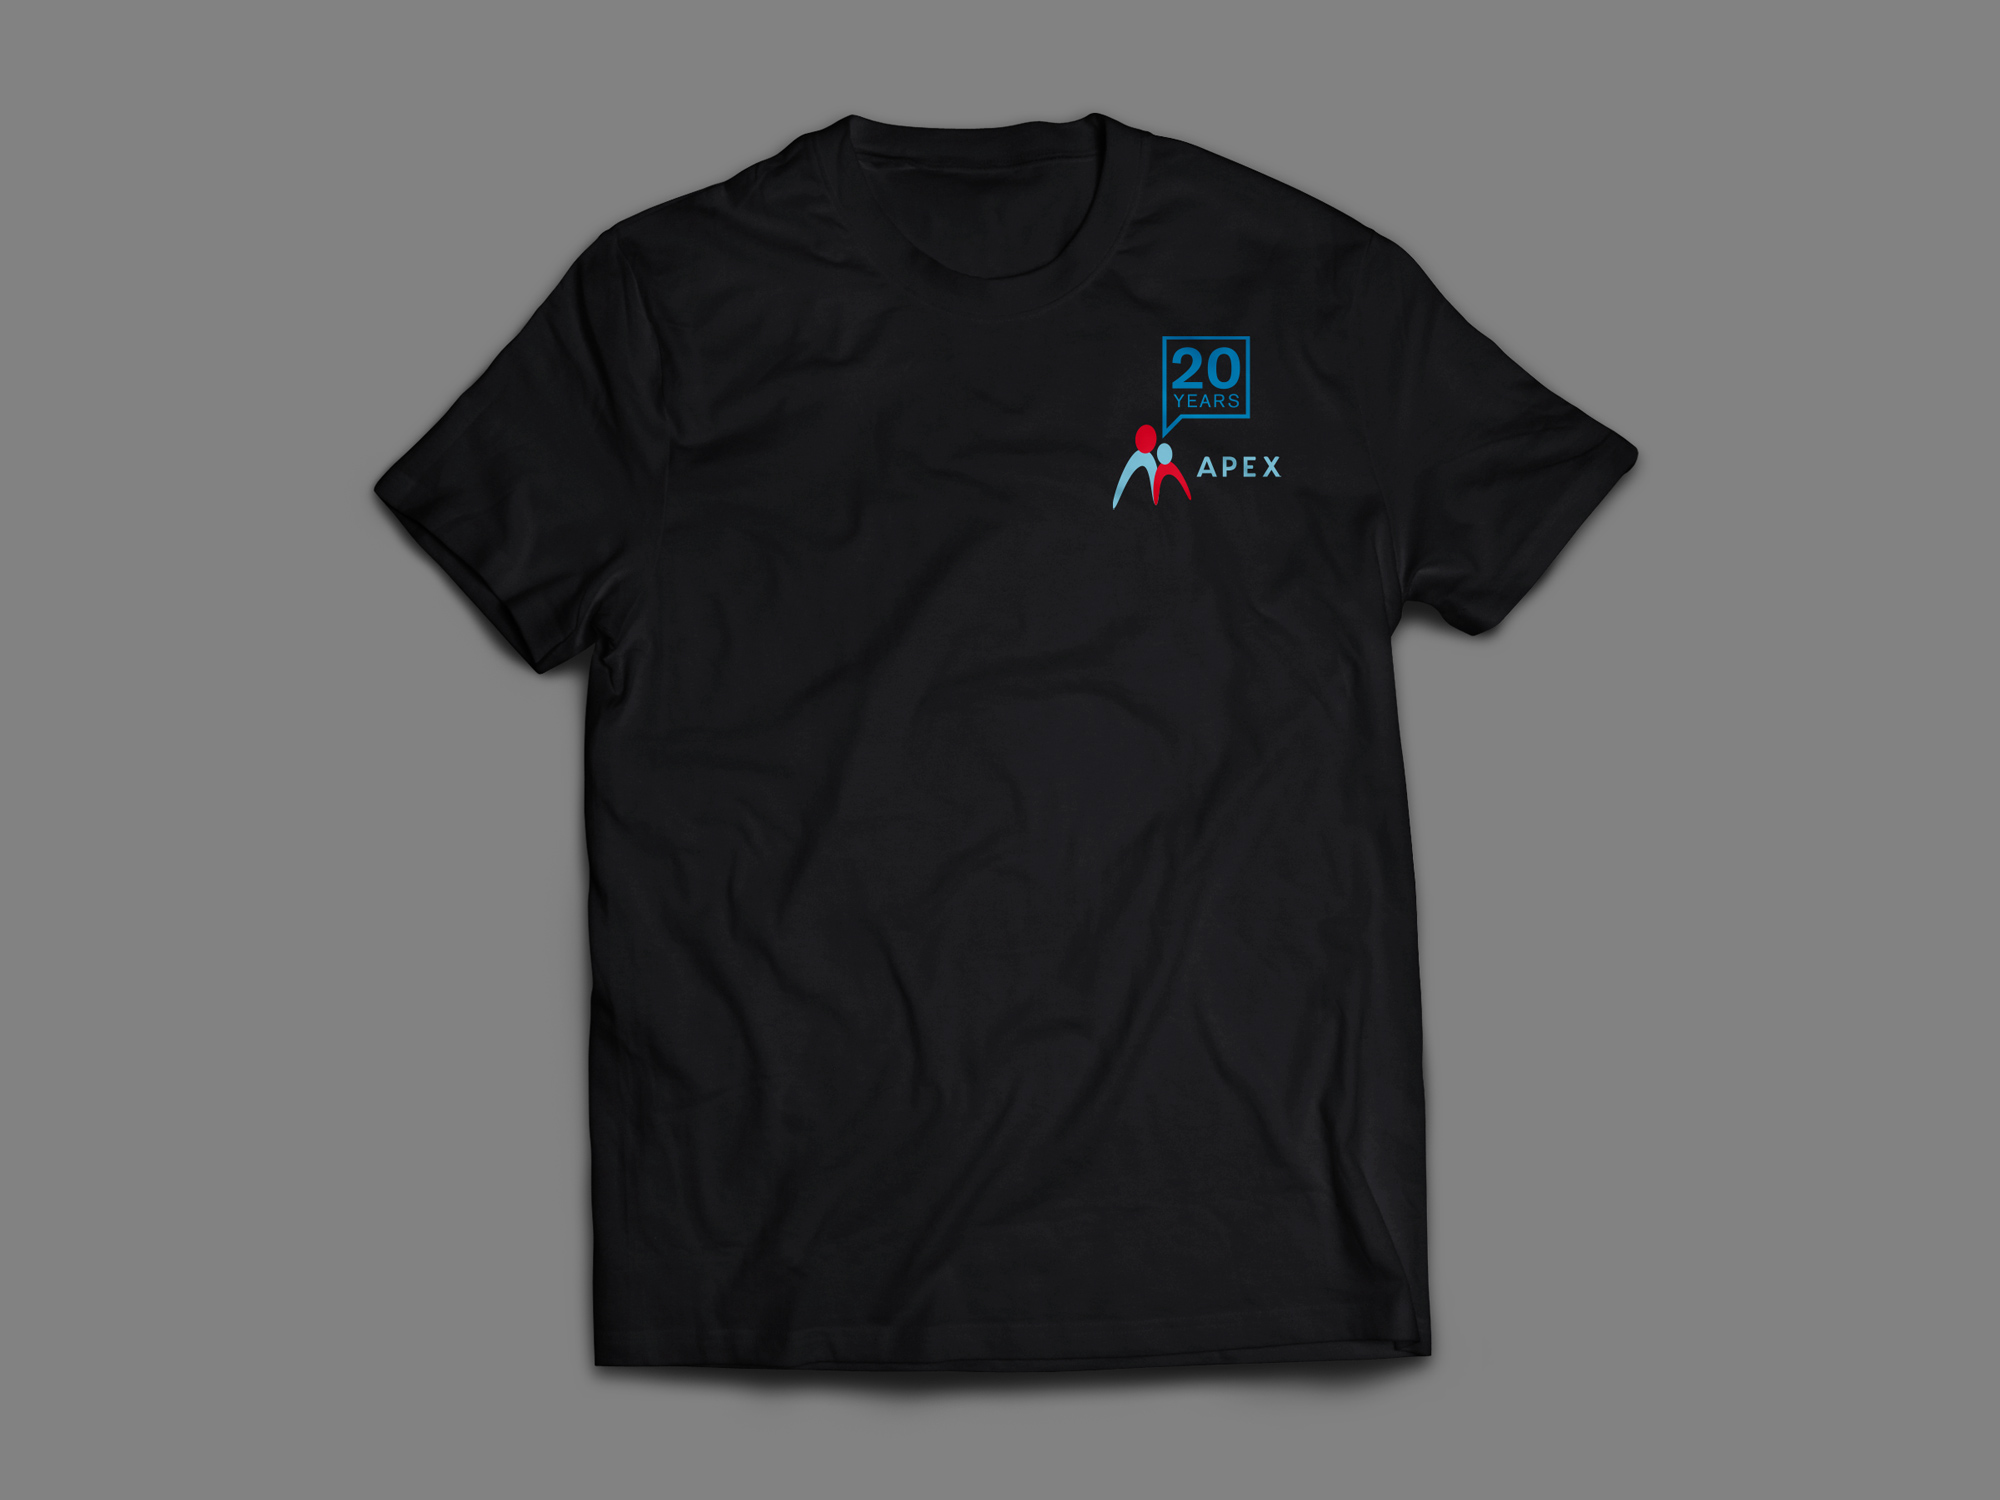 apex20_tshirt.jpg